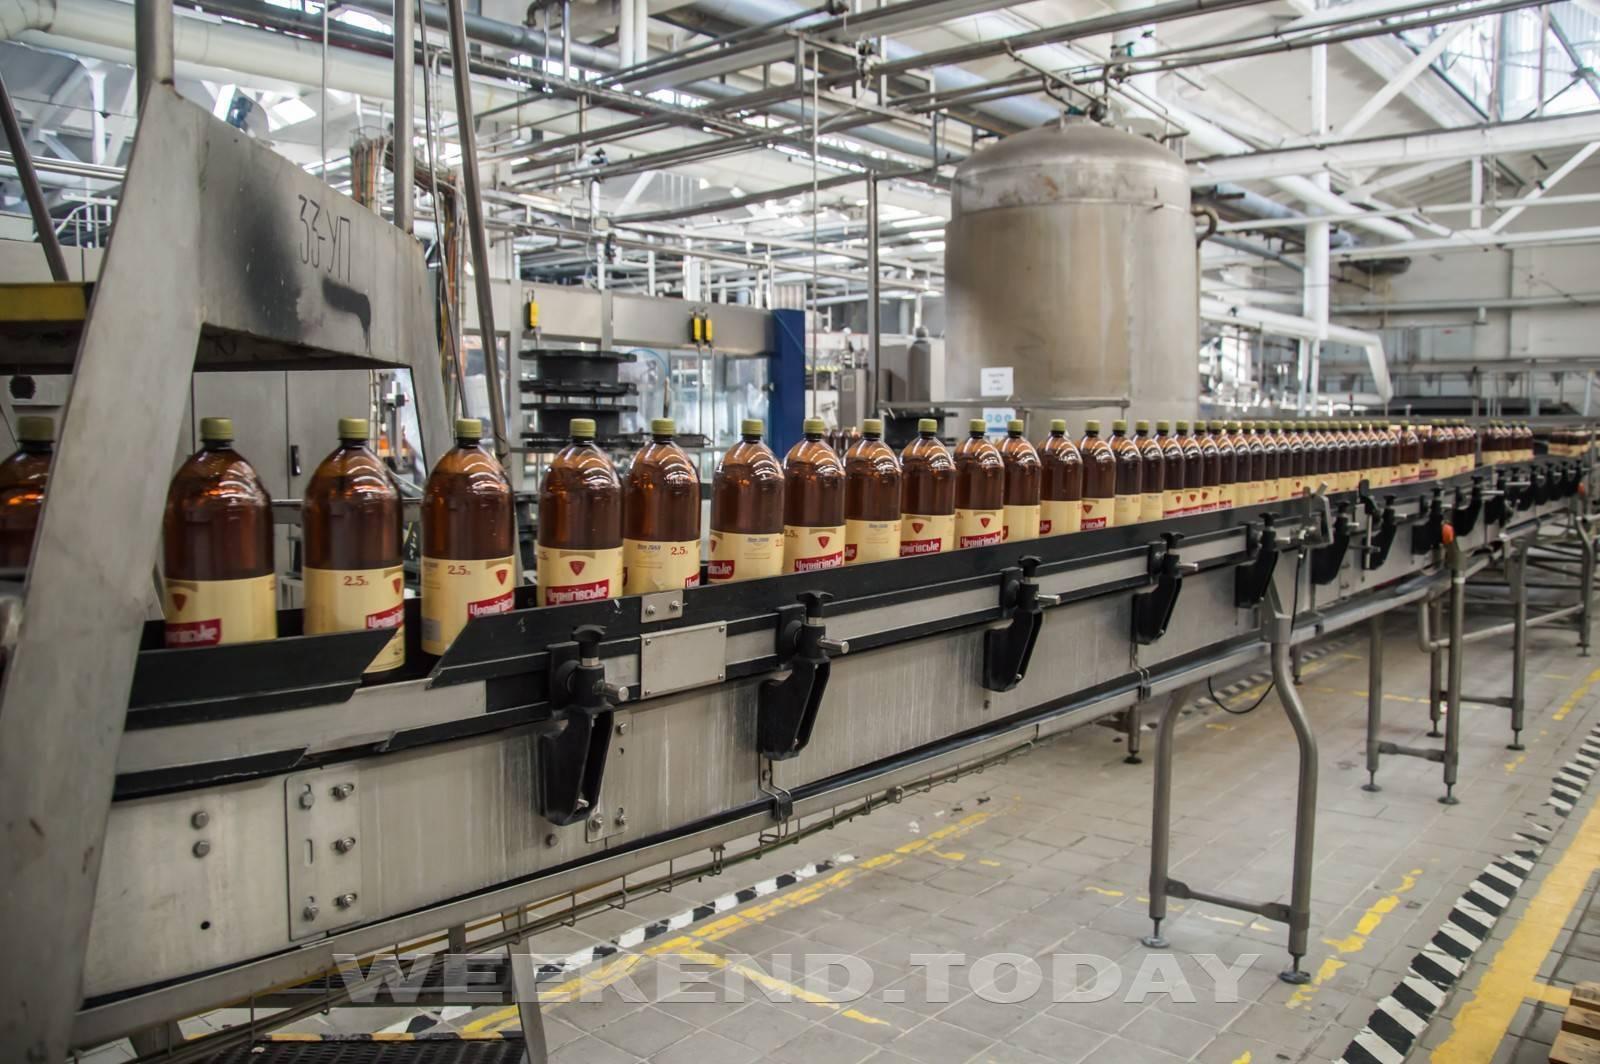 Производство пива: схема, технология, процесс приготовления, сырье, как варят напиток на заводе